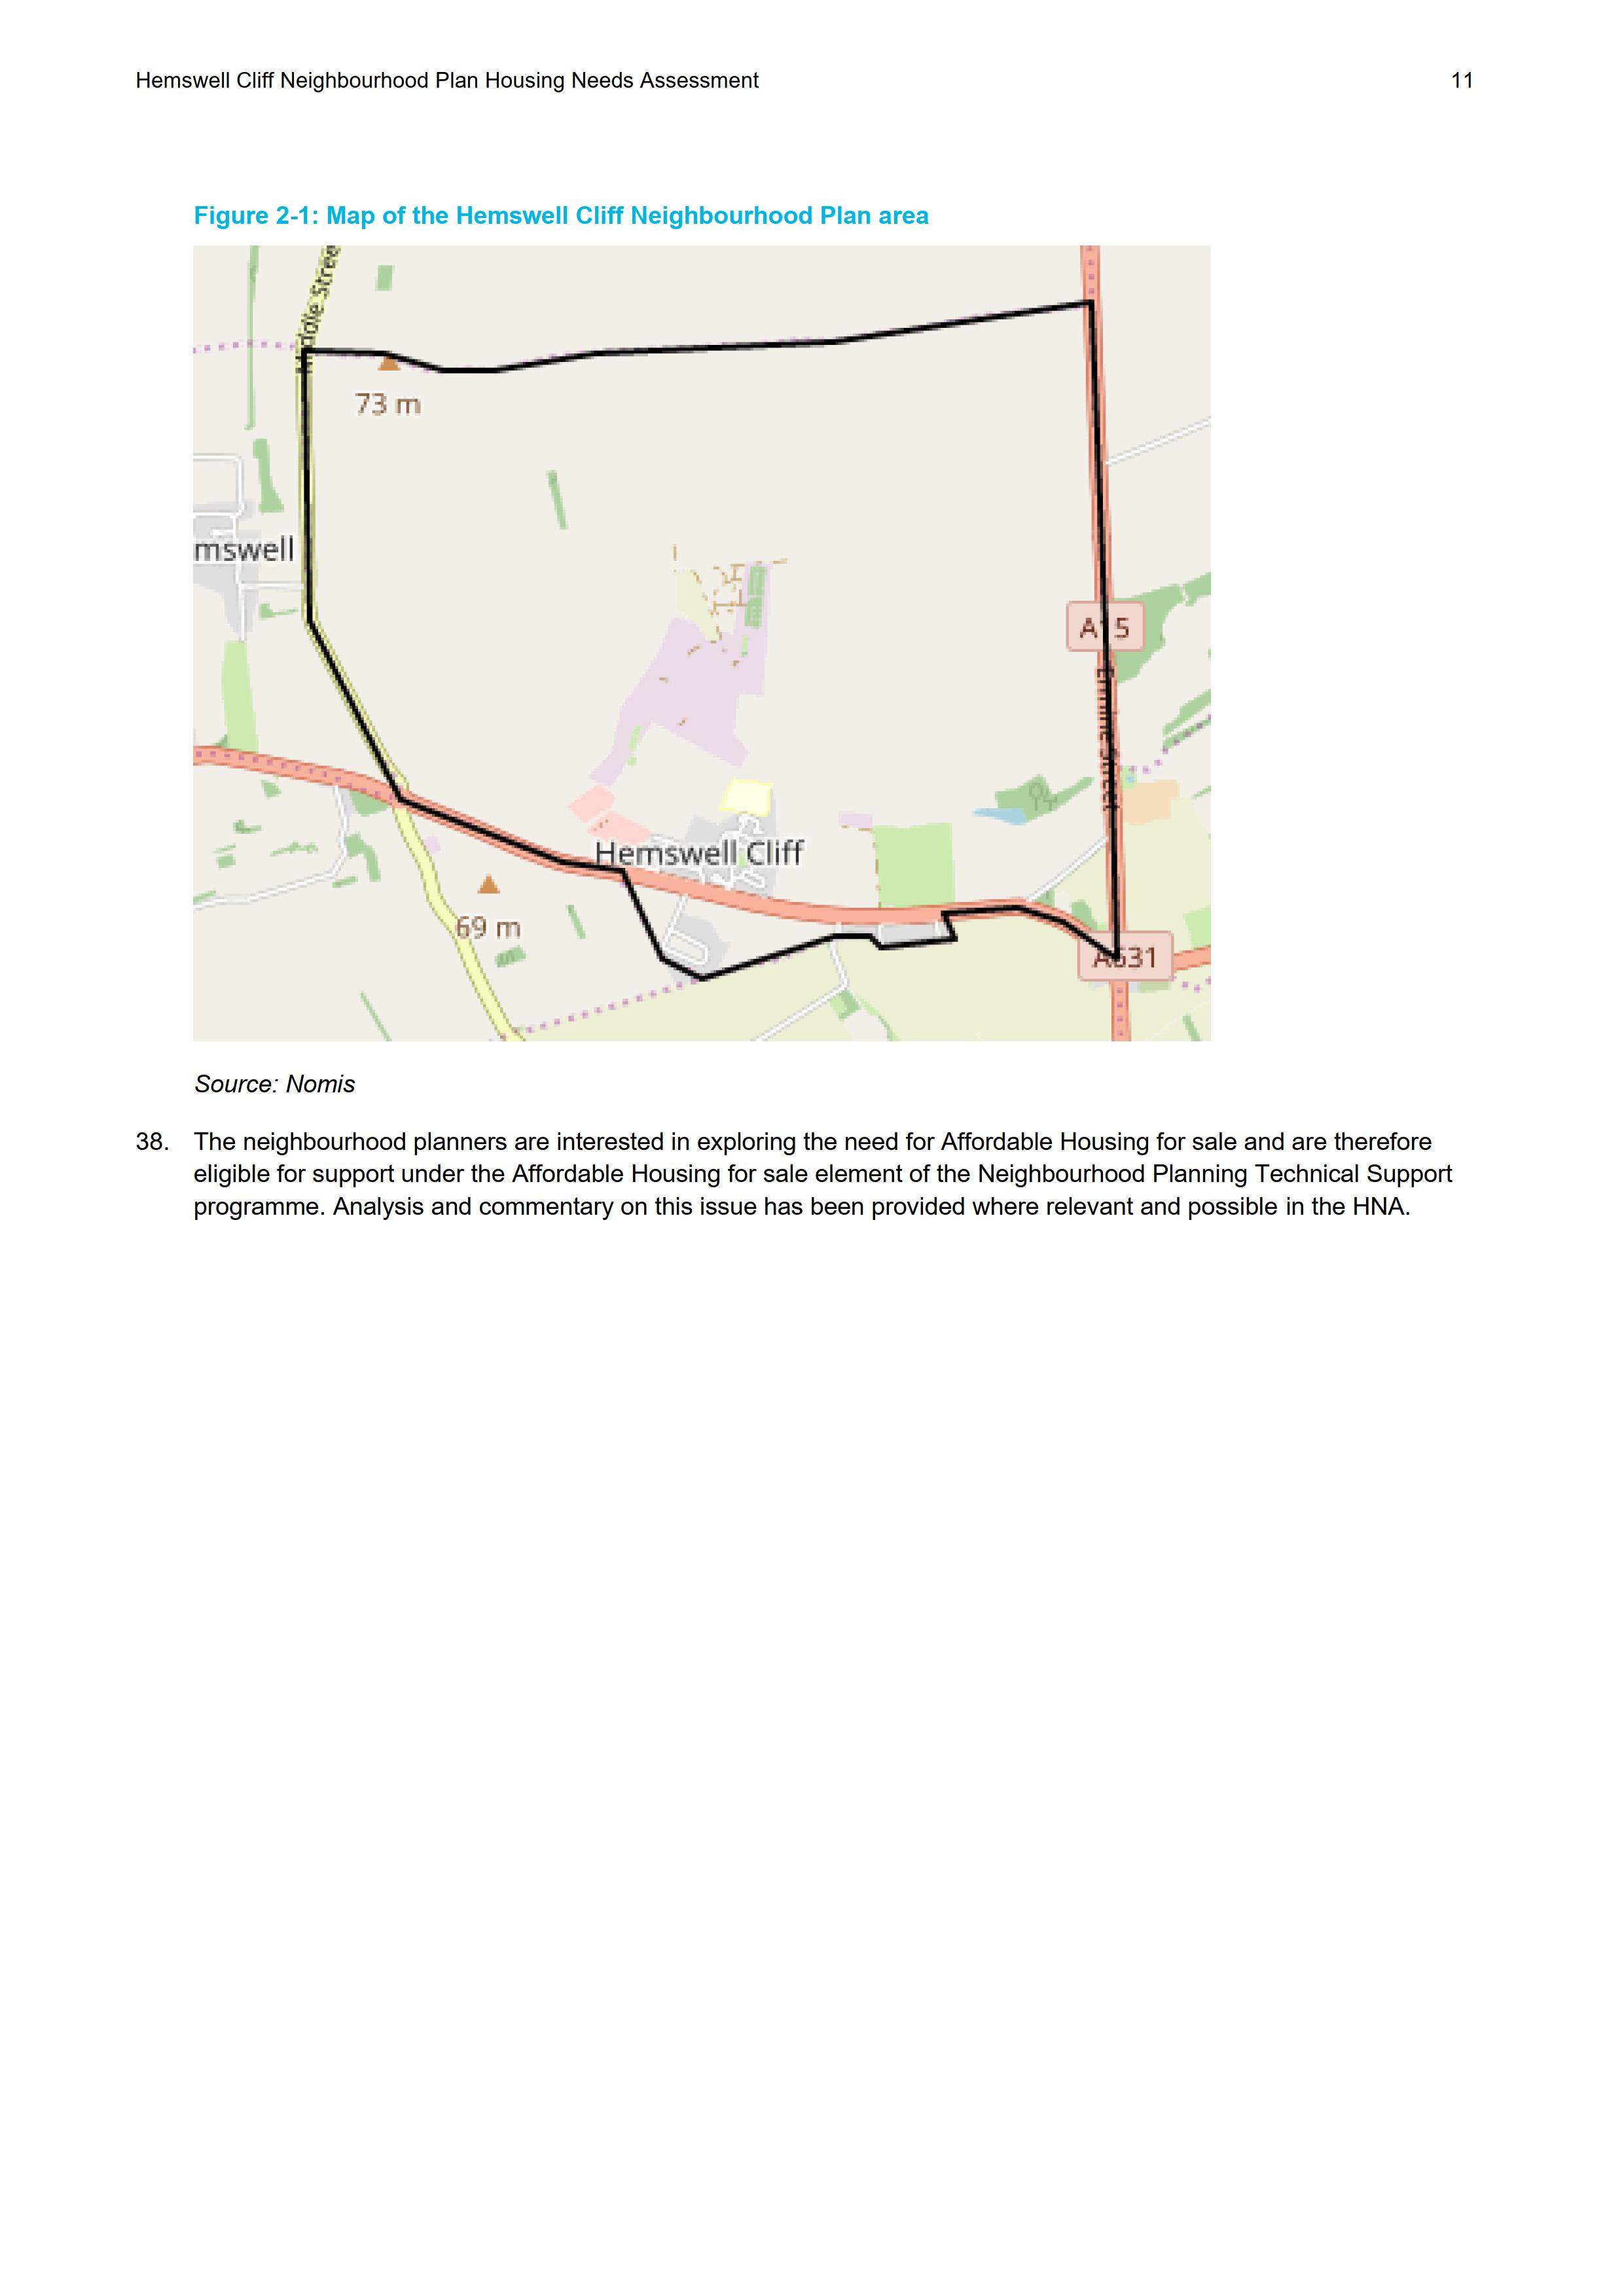 Hemswell_Cliff_Housing_Needs_Assessment_Final_11.png